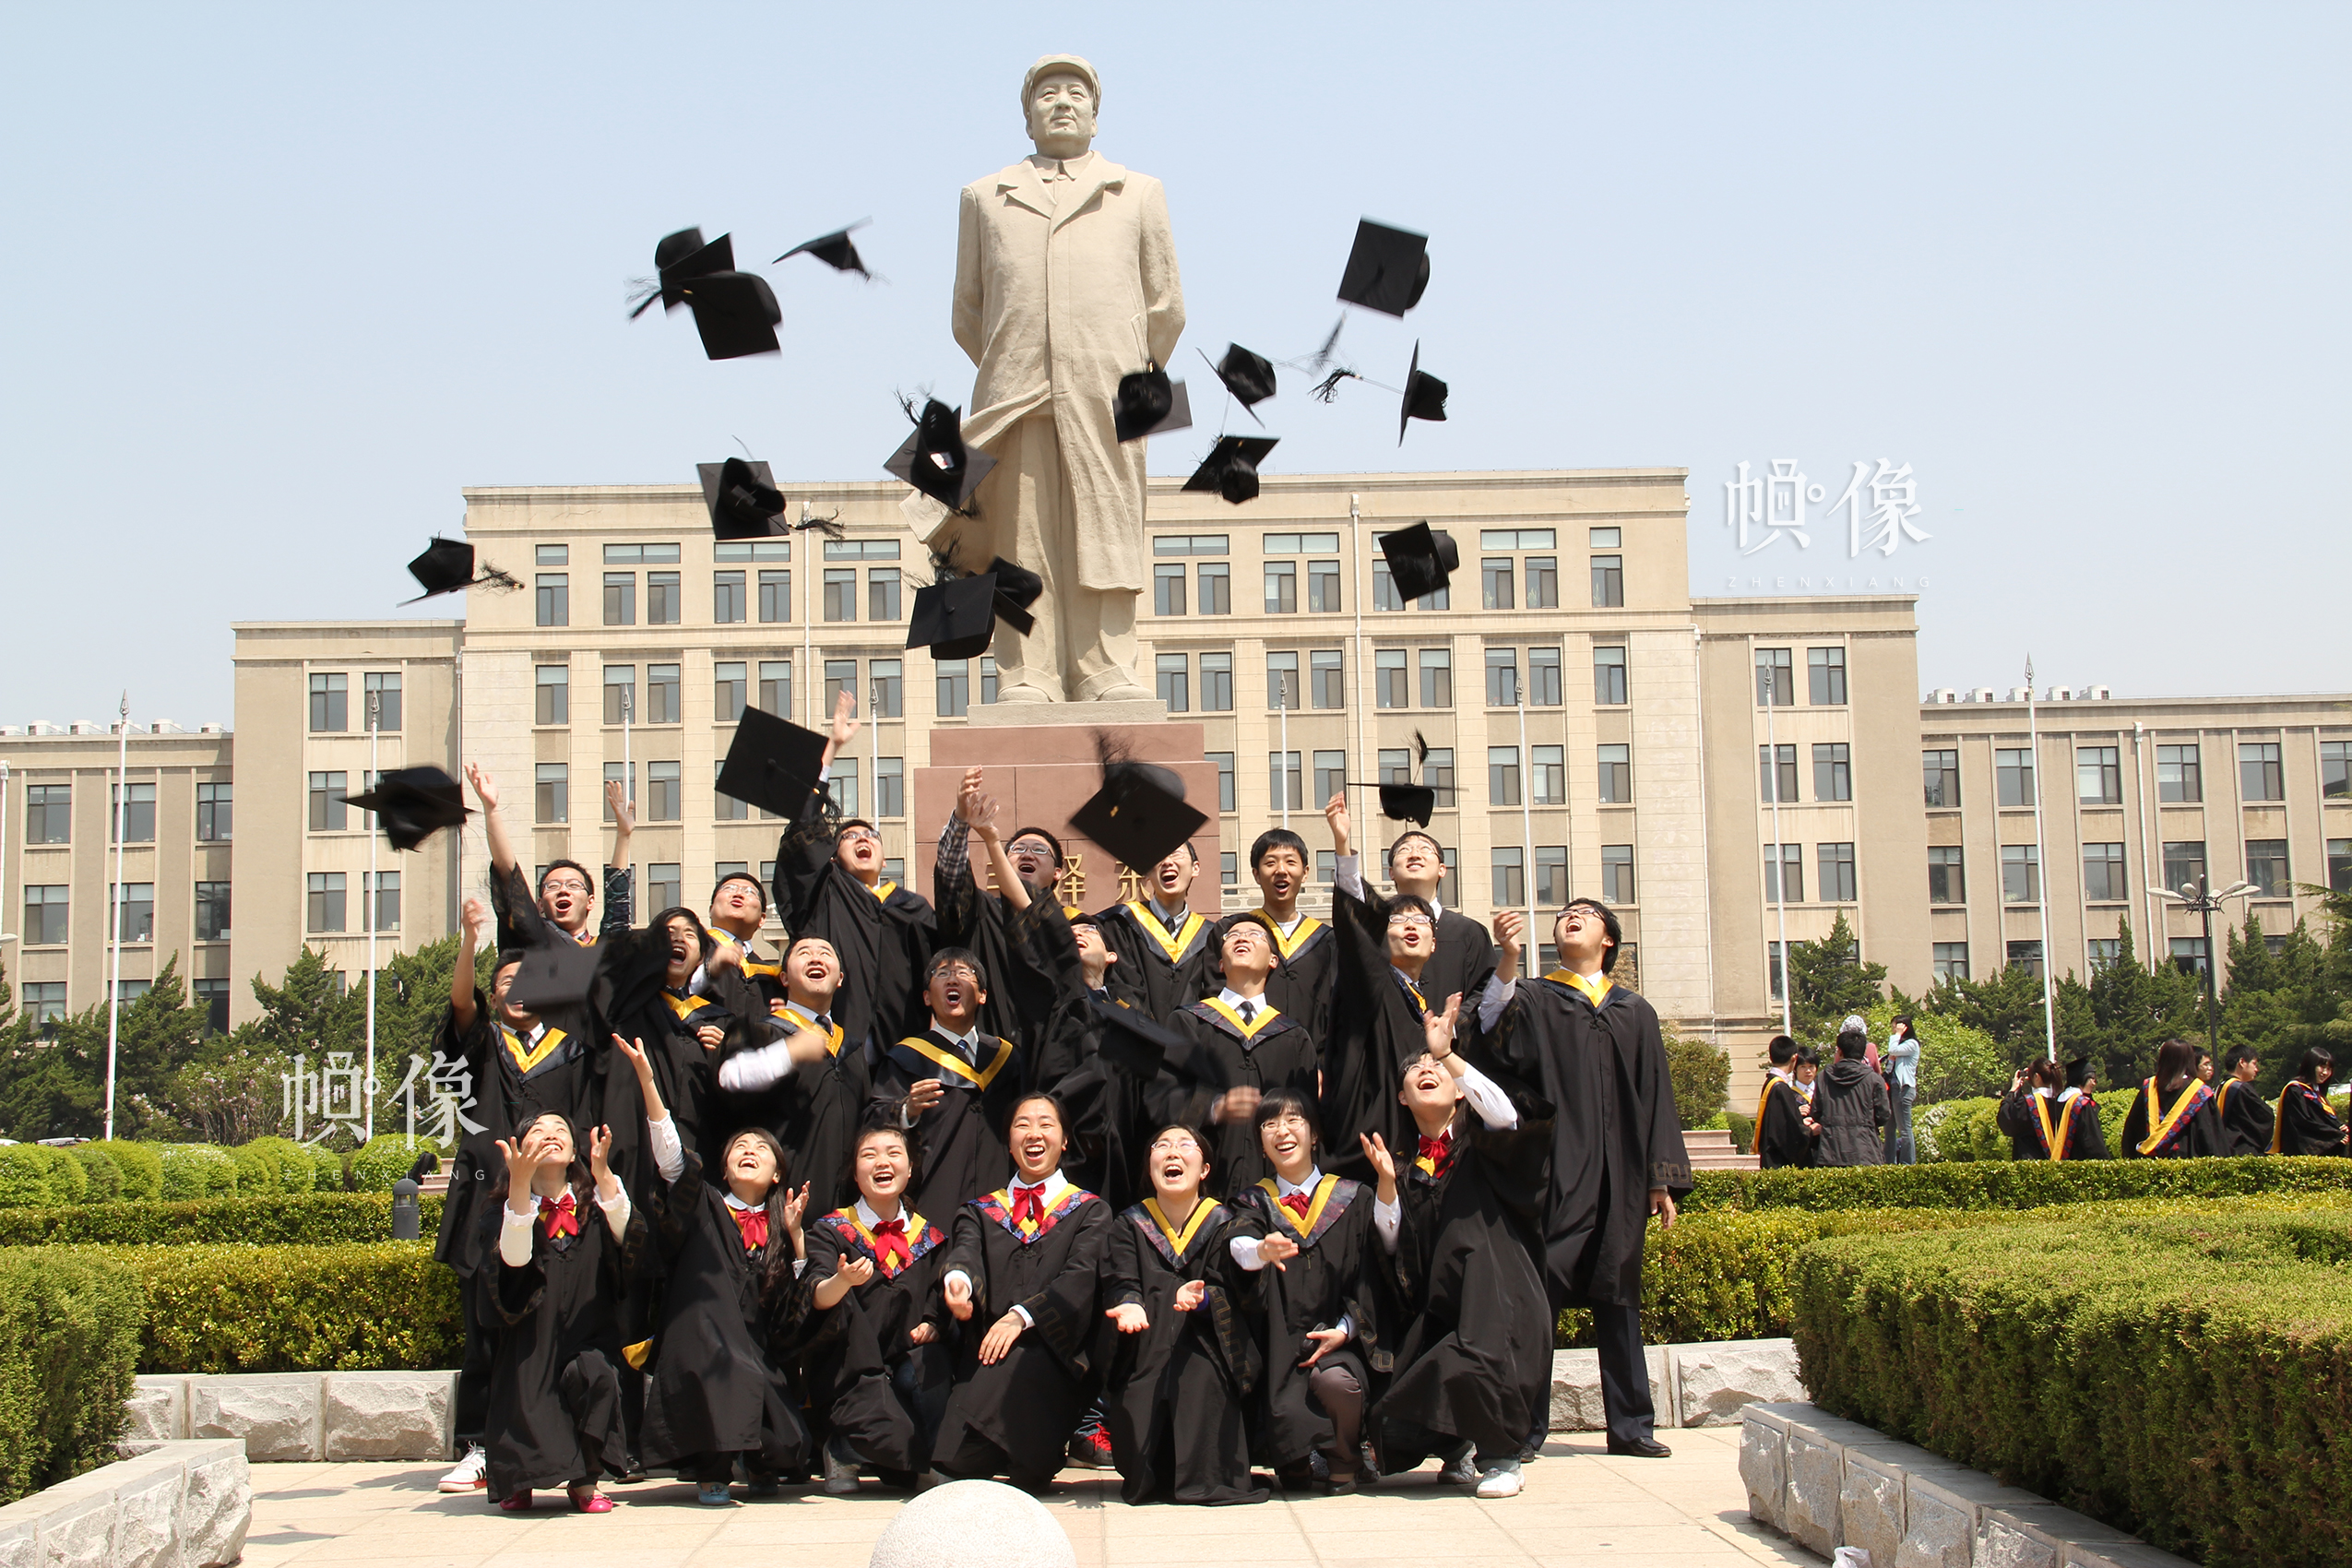 2011年,肖子扬(前排左一)大连理工大学本科毕业与同学合影留念。